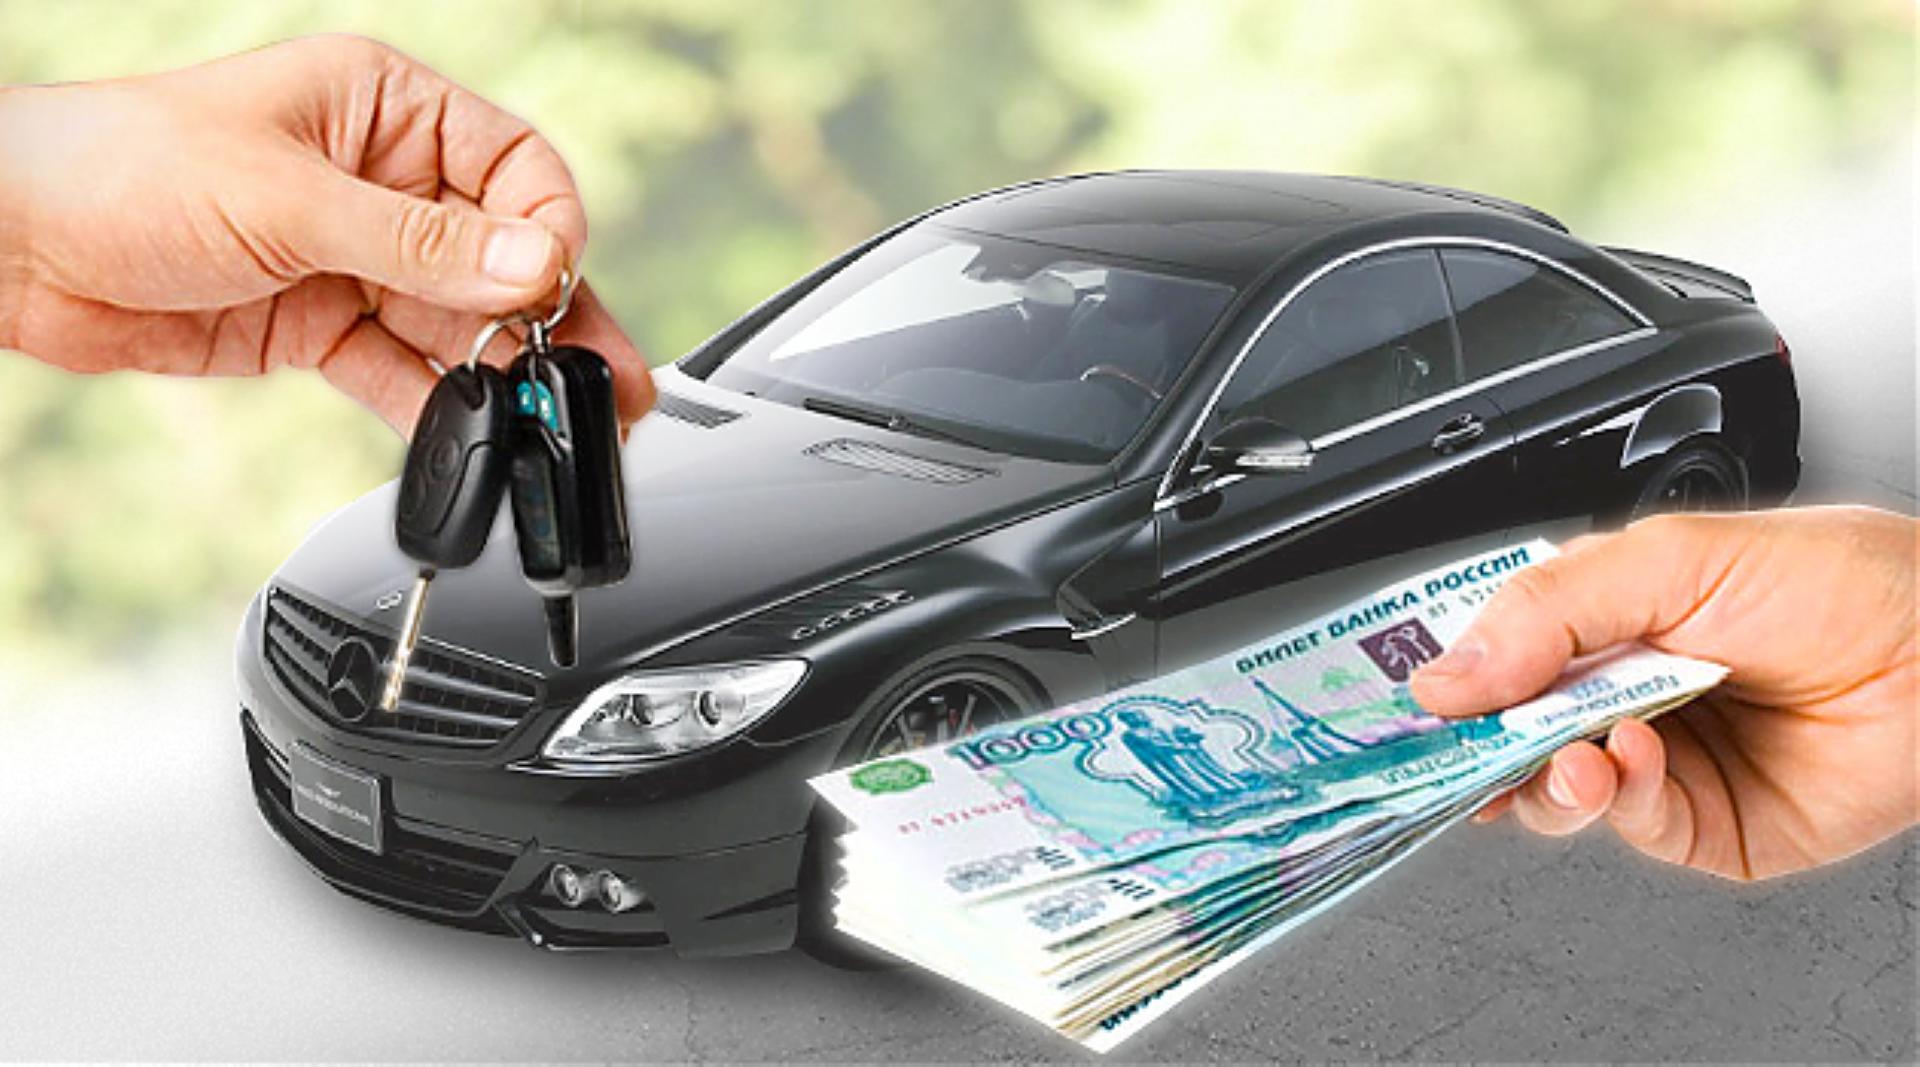 Как происходит вступление в наследство на автомобиль после смерти владельца и какие документы нужны для оформления?